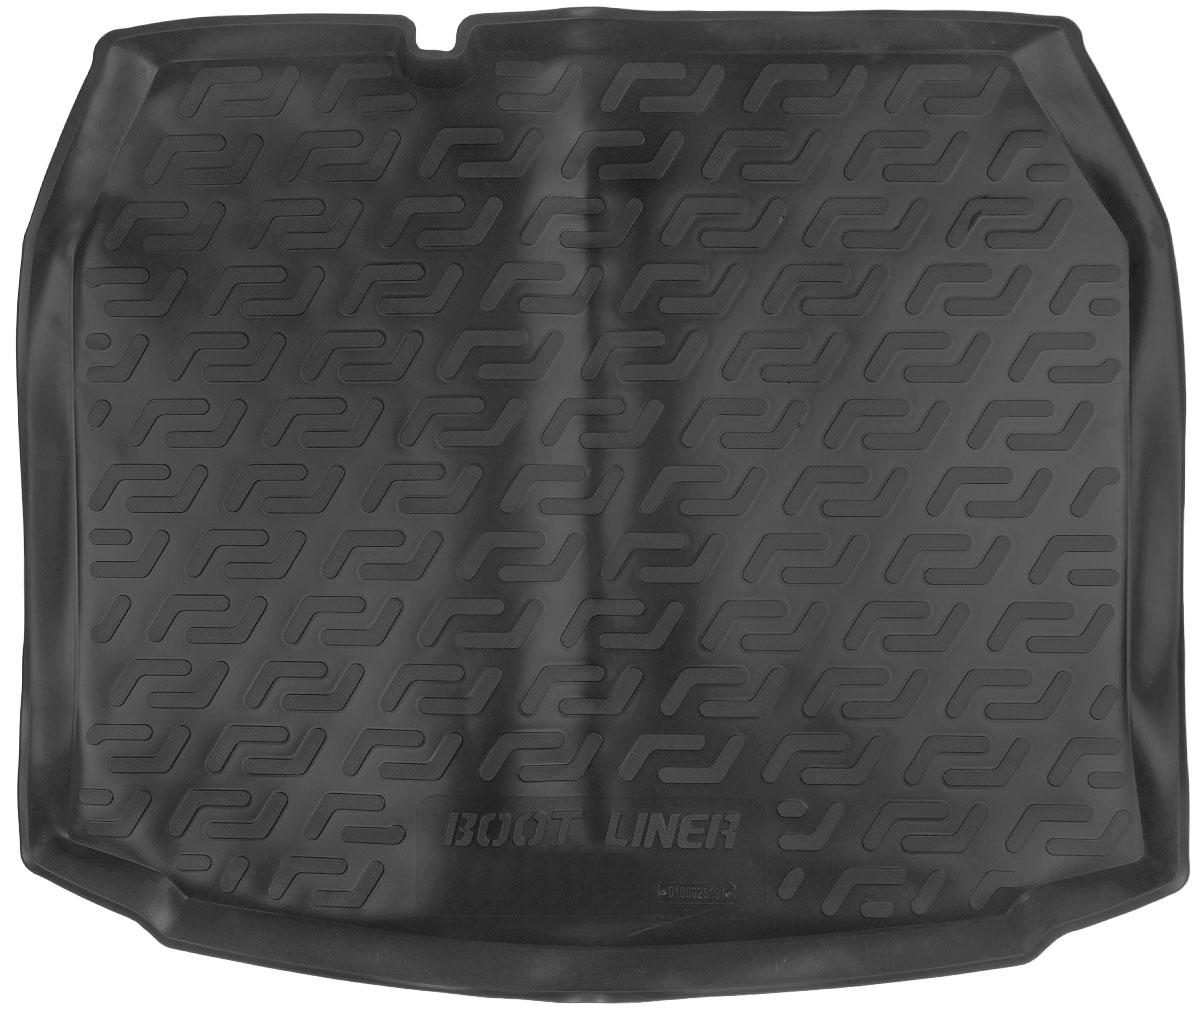 Коврик в багажник L.Locker, для Audi A3 hb (08-)21395599Коврик L.Locker производится индивидуально для каждой модели автомобиля из современного и экологически чистого материала. Изделие точно повторяет геометрию пола автомобиля, имеет высокий борт, обладает повышенной износоустойчивостью, антискользящими свойствами, лишен резкого запаха и сохраняет свои потребительские свойства в широком диапазоне температур (от -50°С до +80°С).